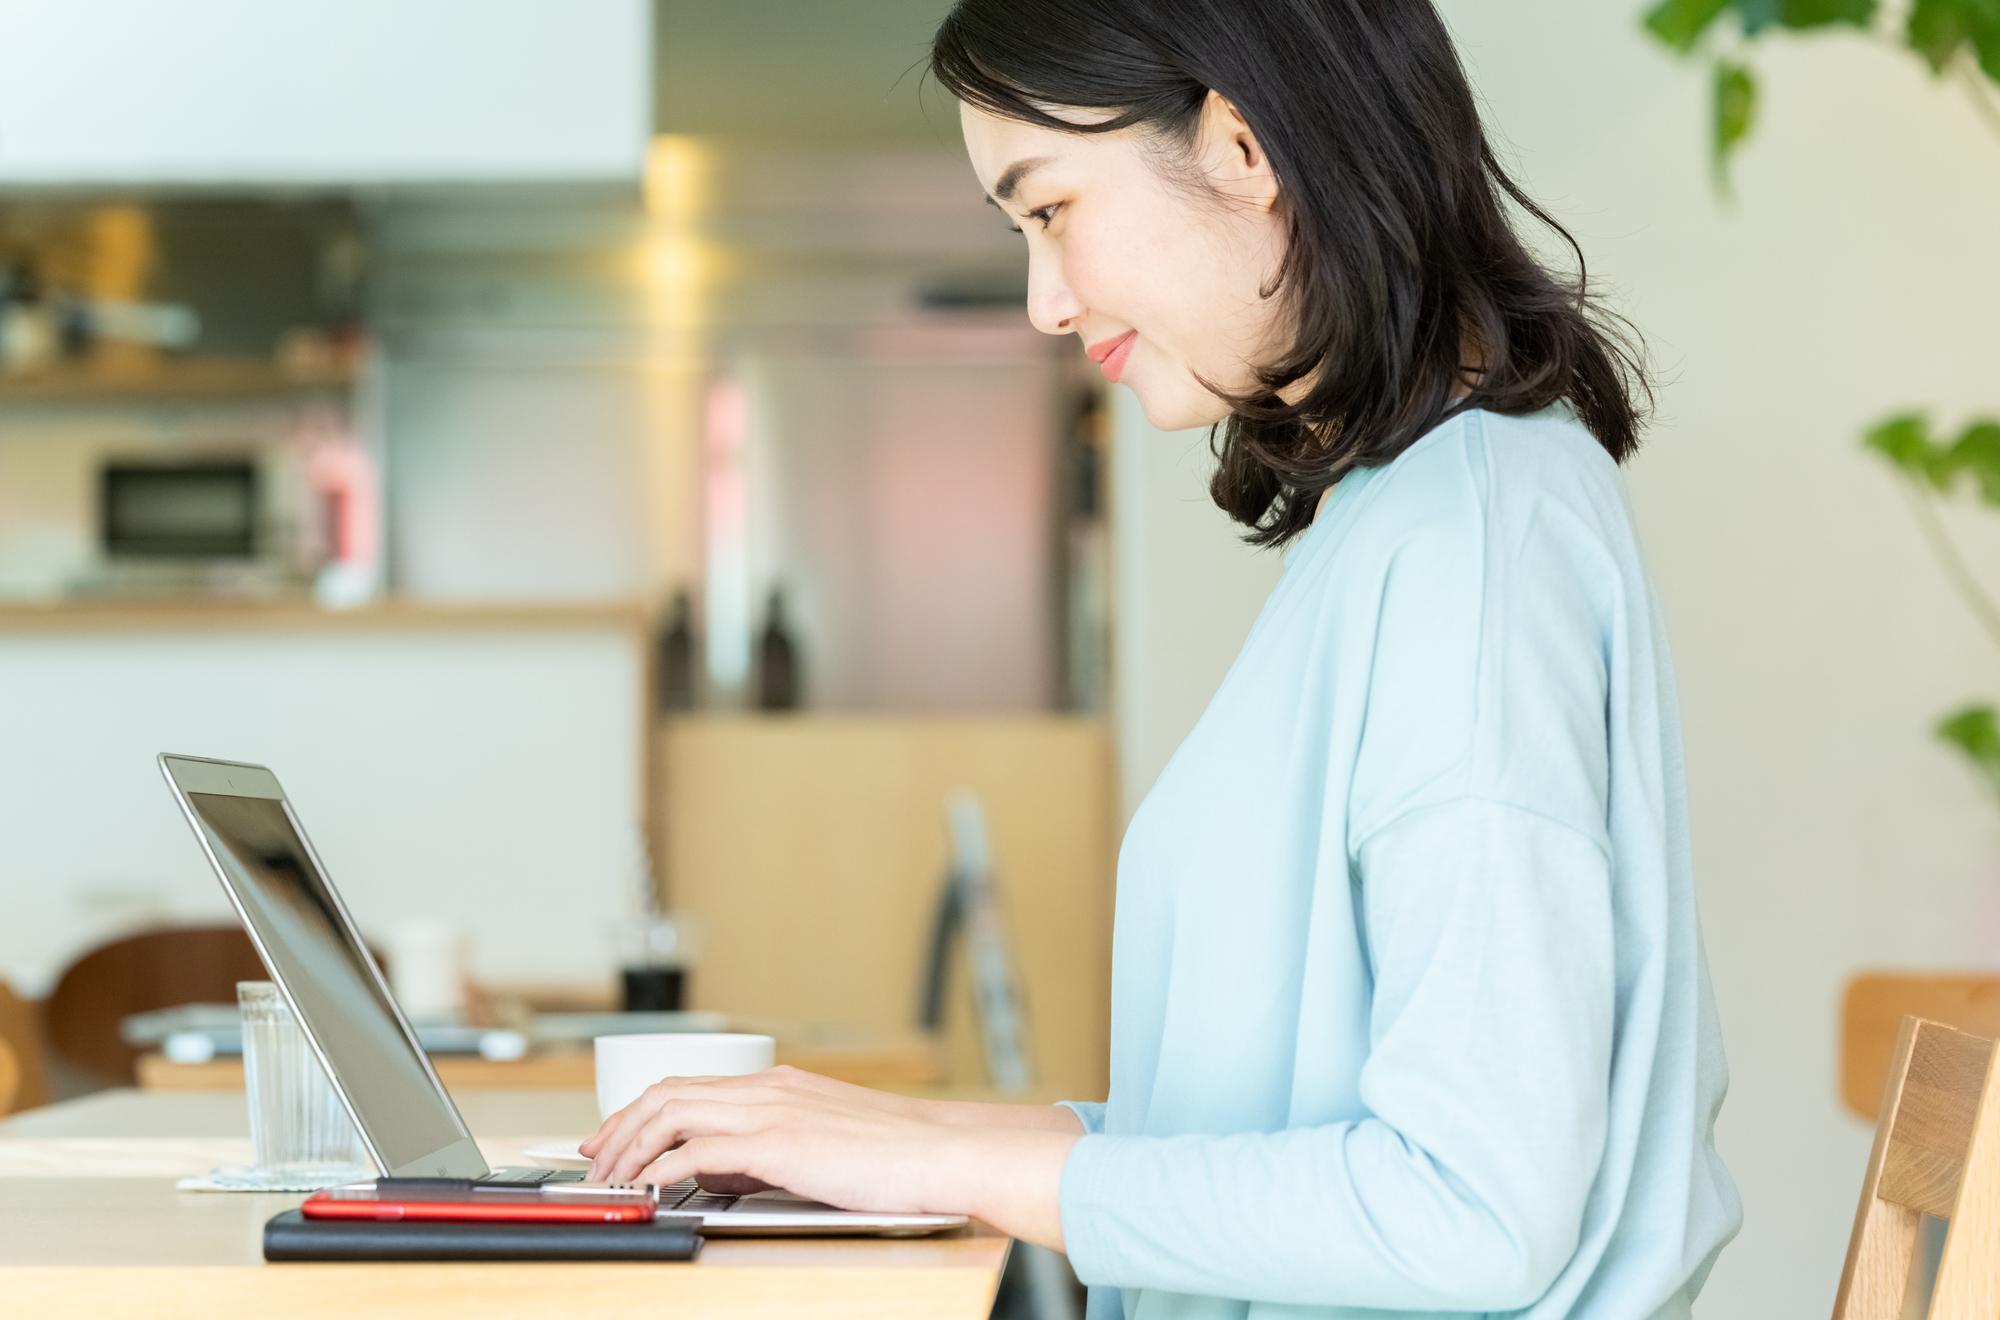 カフェでパソコンを使い、仕事をしている女性